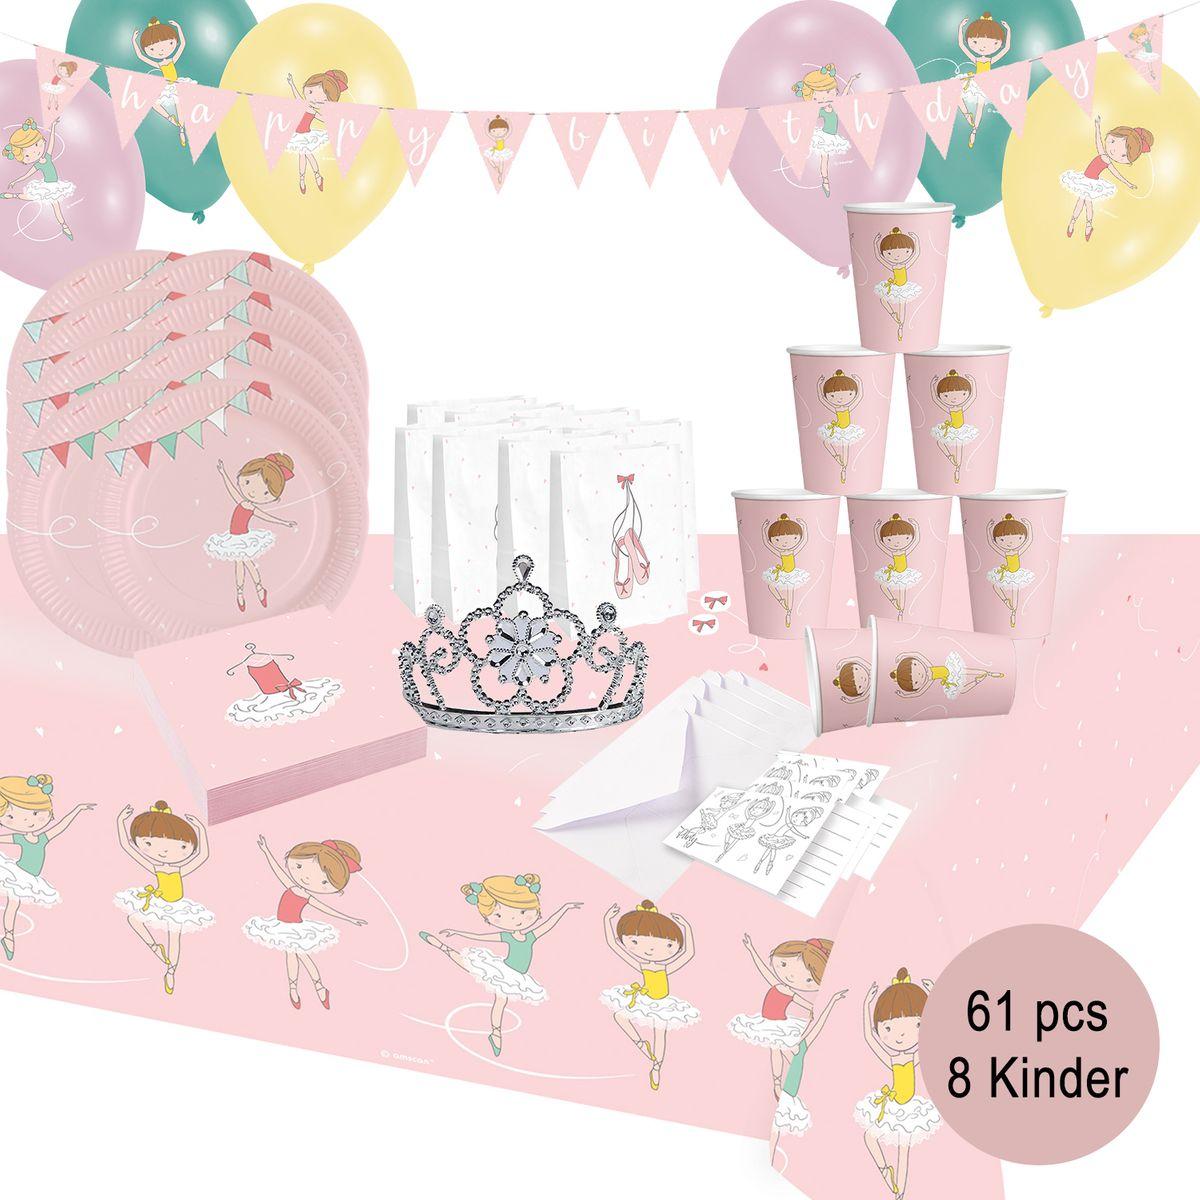 XL 55 Teile Prima Ballerina Party Deko Set zum Kindergeburtstag für 8 Kinder